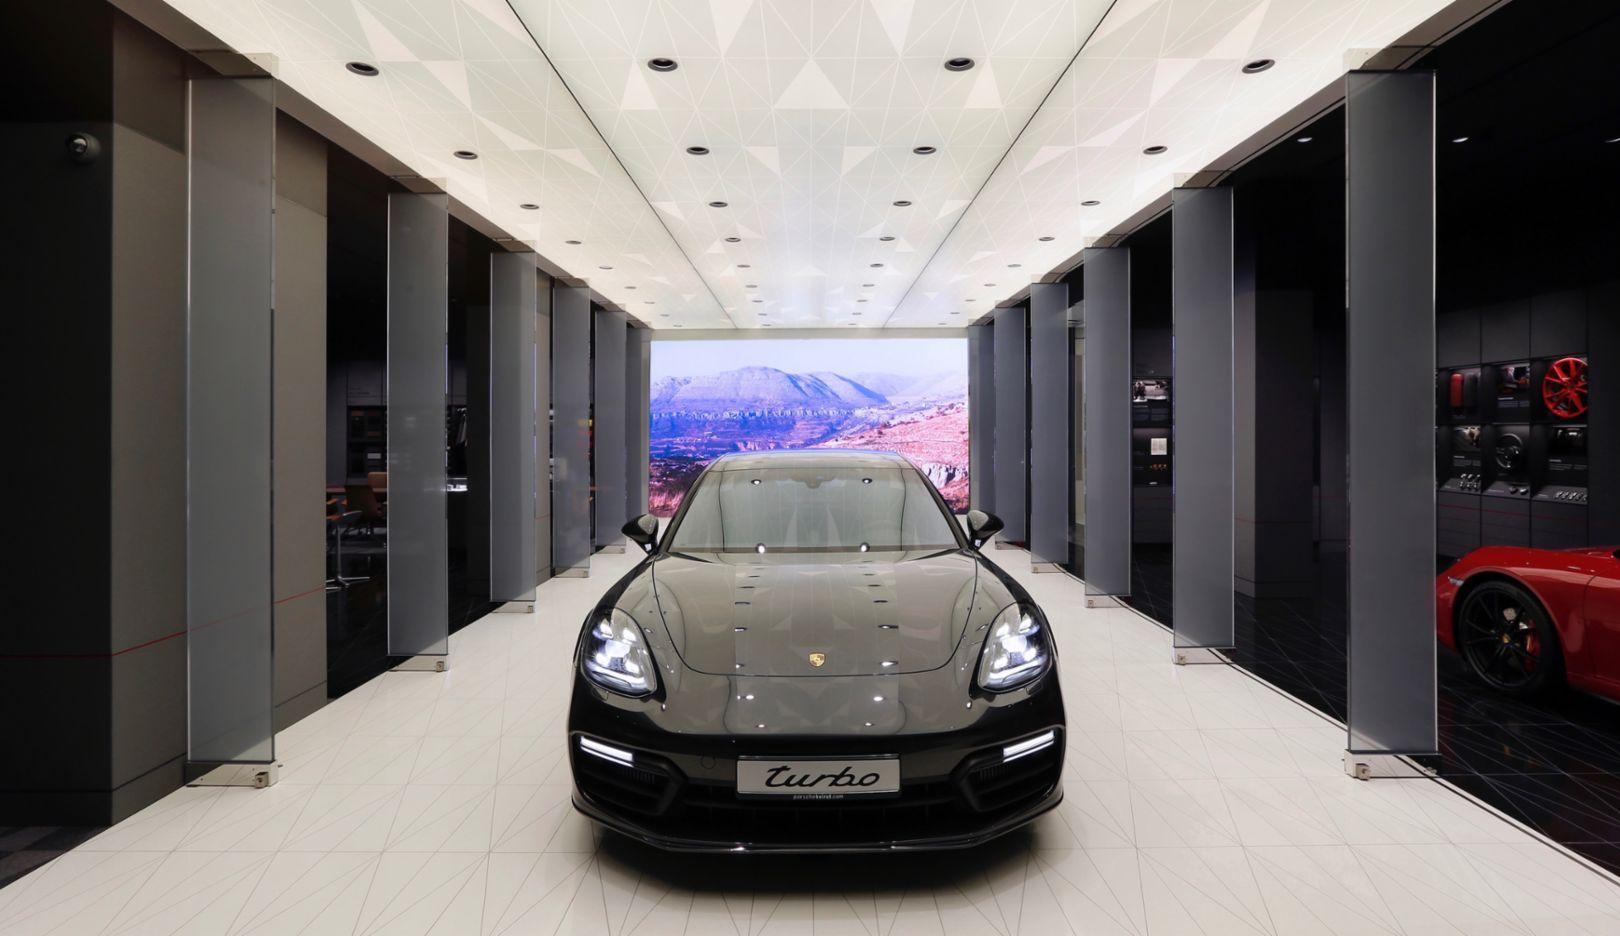 Panamera Turbo, Porsche Studio Beirut, 2018, Porsche AG